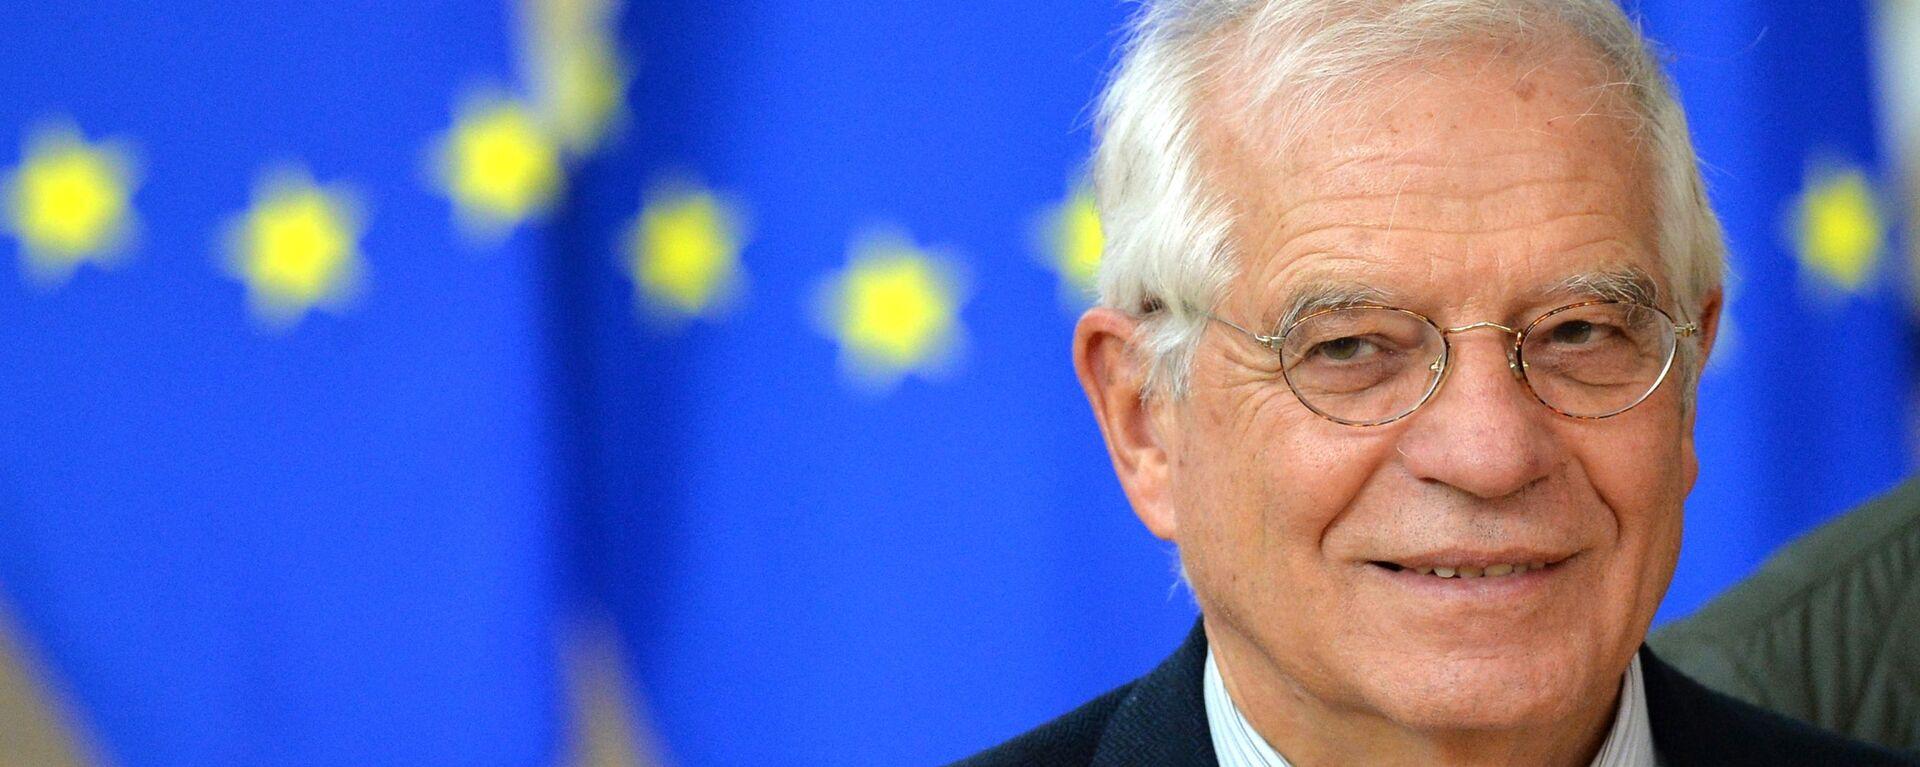 Vysoký představitel EU pro zahraniční a bezpečnostní politiku Josep Borrell - Sputnik Česká republika, 1920, 29.06.2021